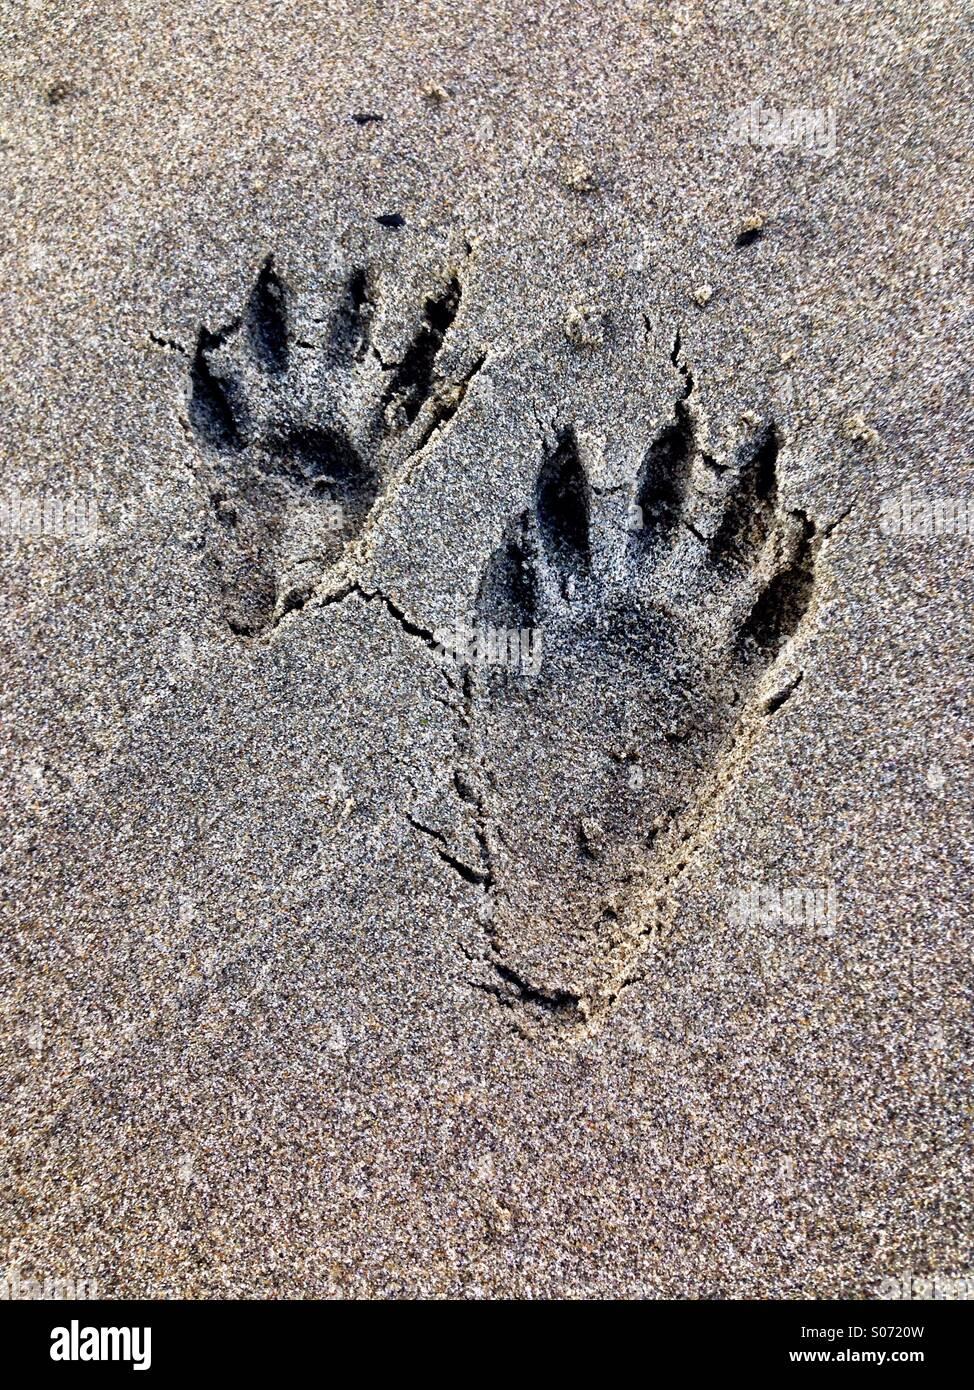 Les pistes du raton laveur dans le sable Photo Stock